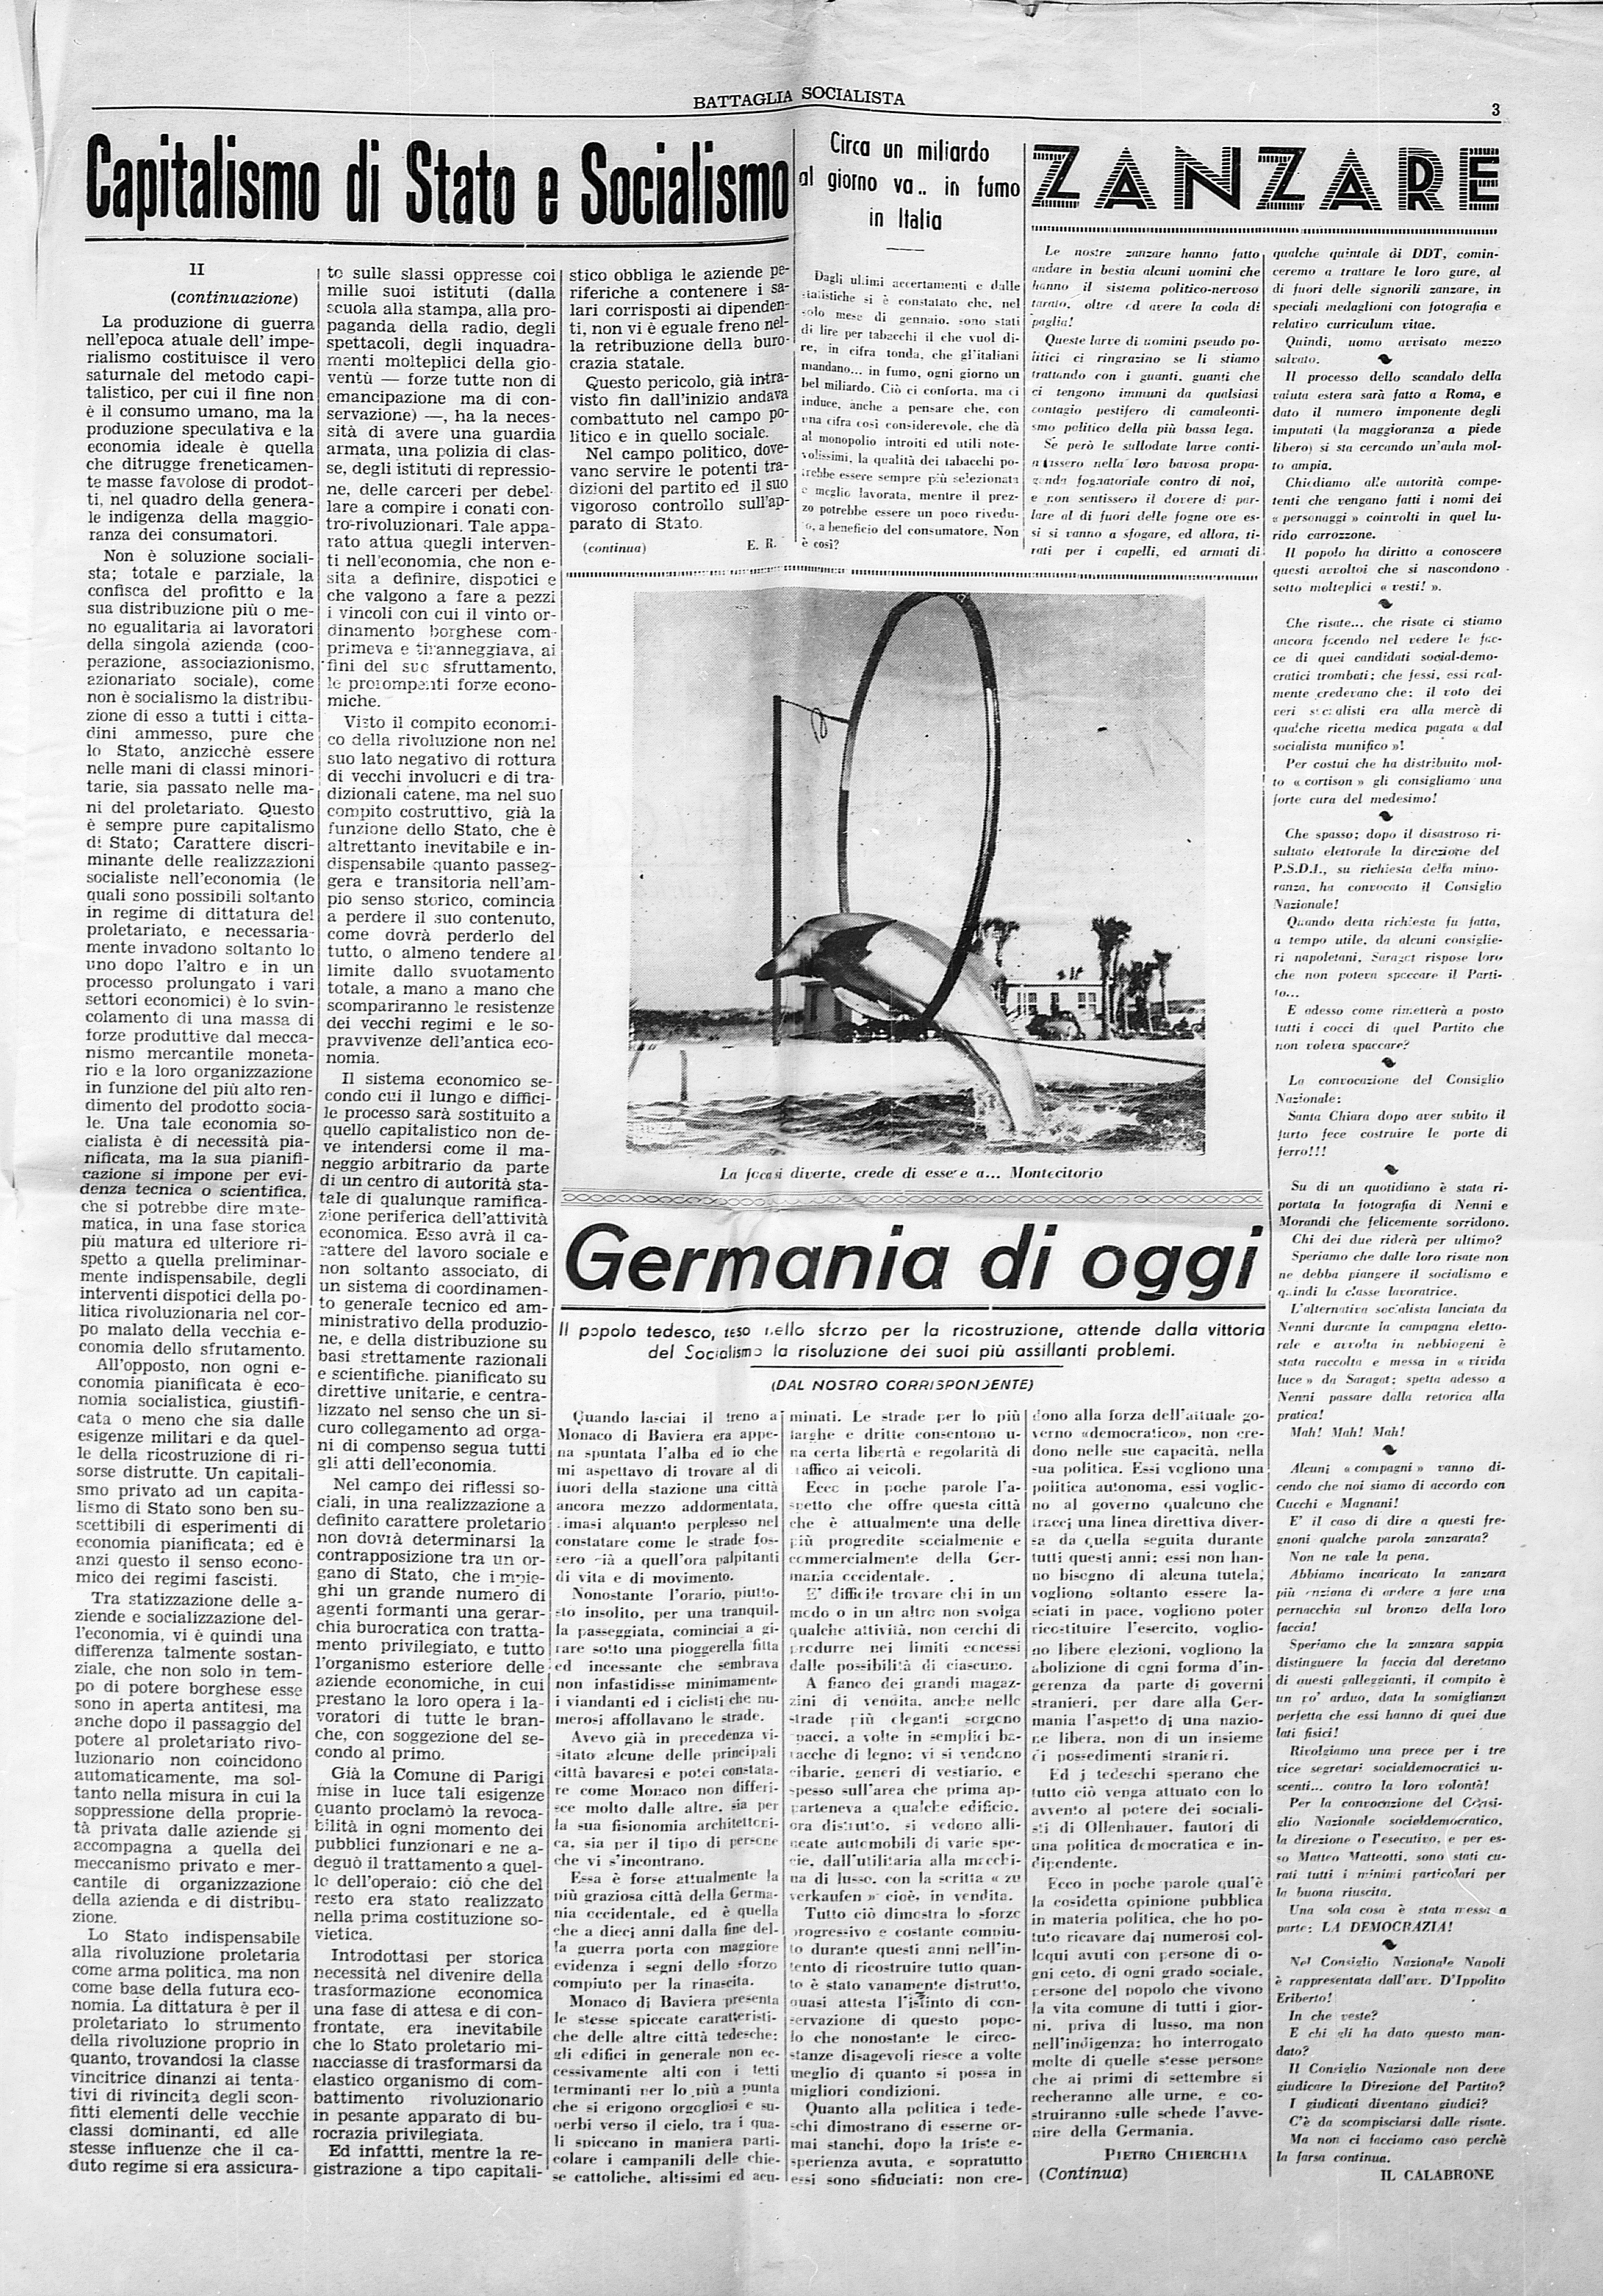 Battaglia Socialista luglio 1953 - pag. 03